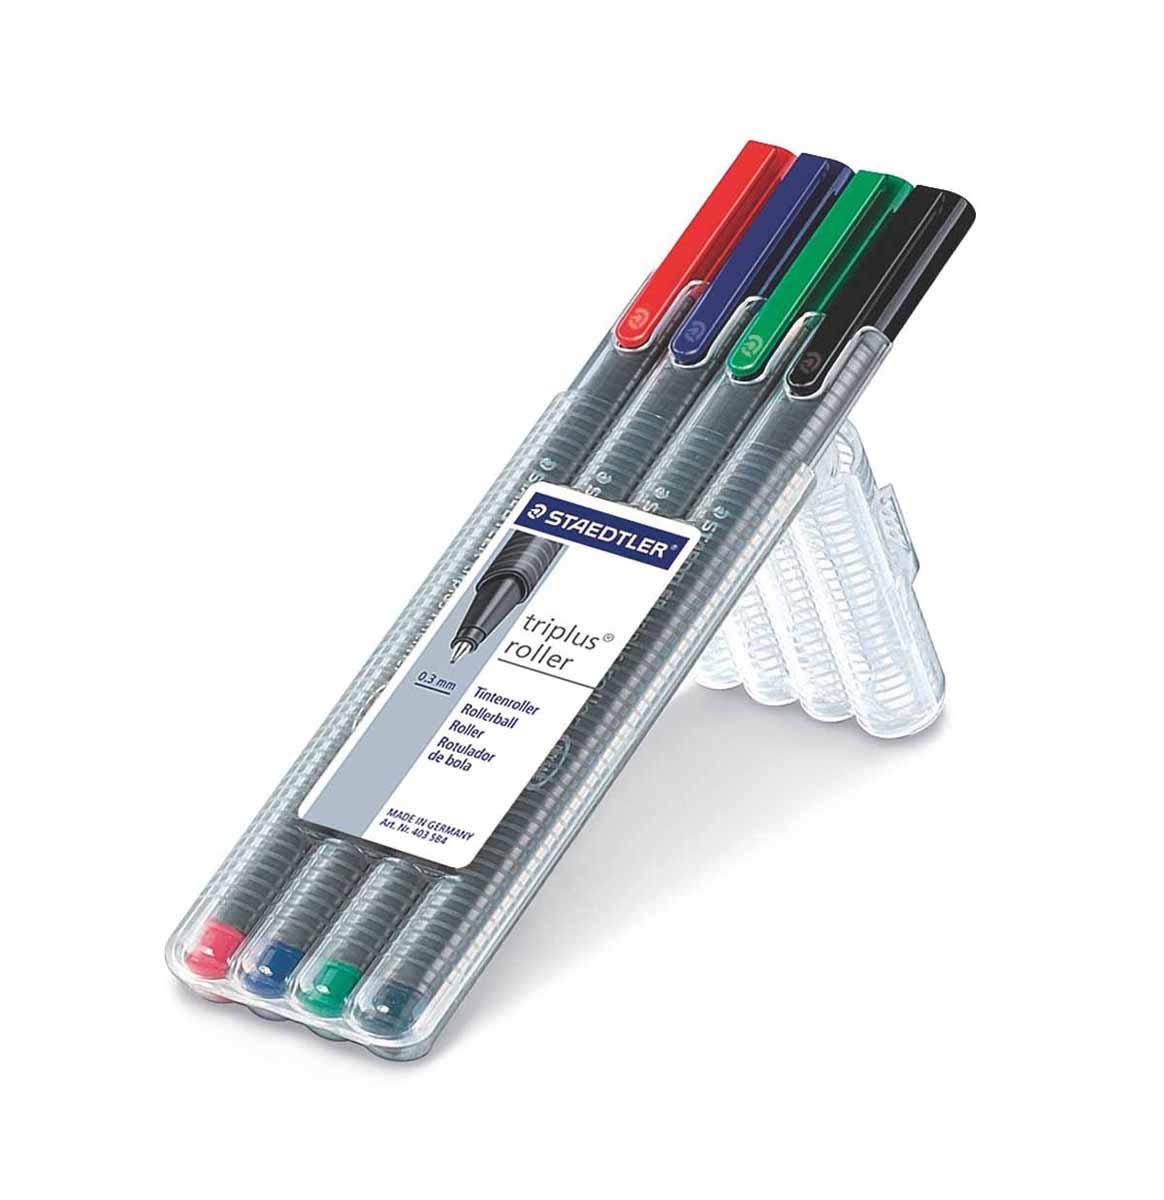 Staedtler Набор ручек-роллеров Triplus 4 цвета403SB4Набор ручек роллеров Staedtler Triplus подходит как для письма, так и для выполнения части графических работ.Особая конструкция пишущего узла обеспечивает сверхмягкое письмо. Ручки защищены от высыхания, могут находитьсСодержит 4 цвета в ассортименте. Толщина лбез колпачка несколько дней. Толщина линии 0,4мм.